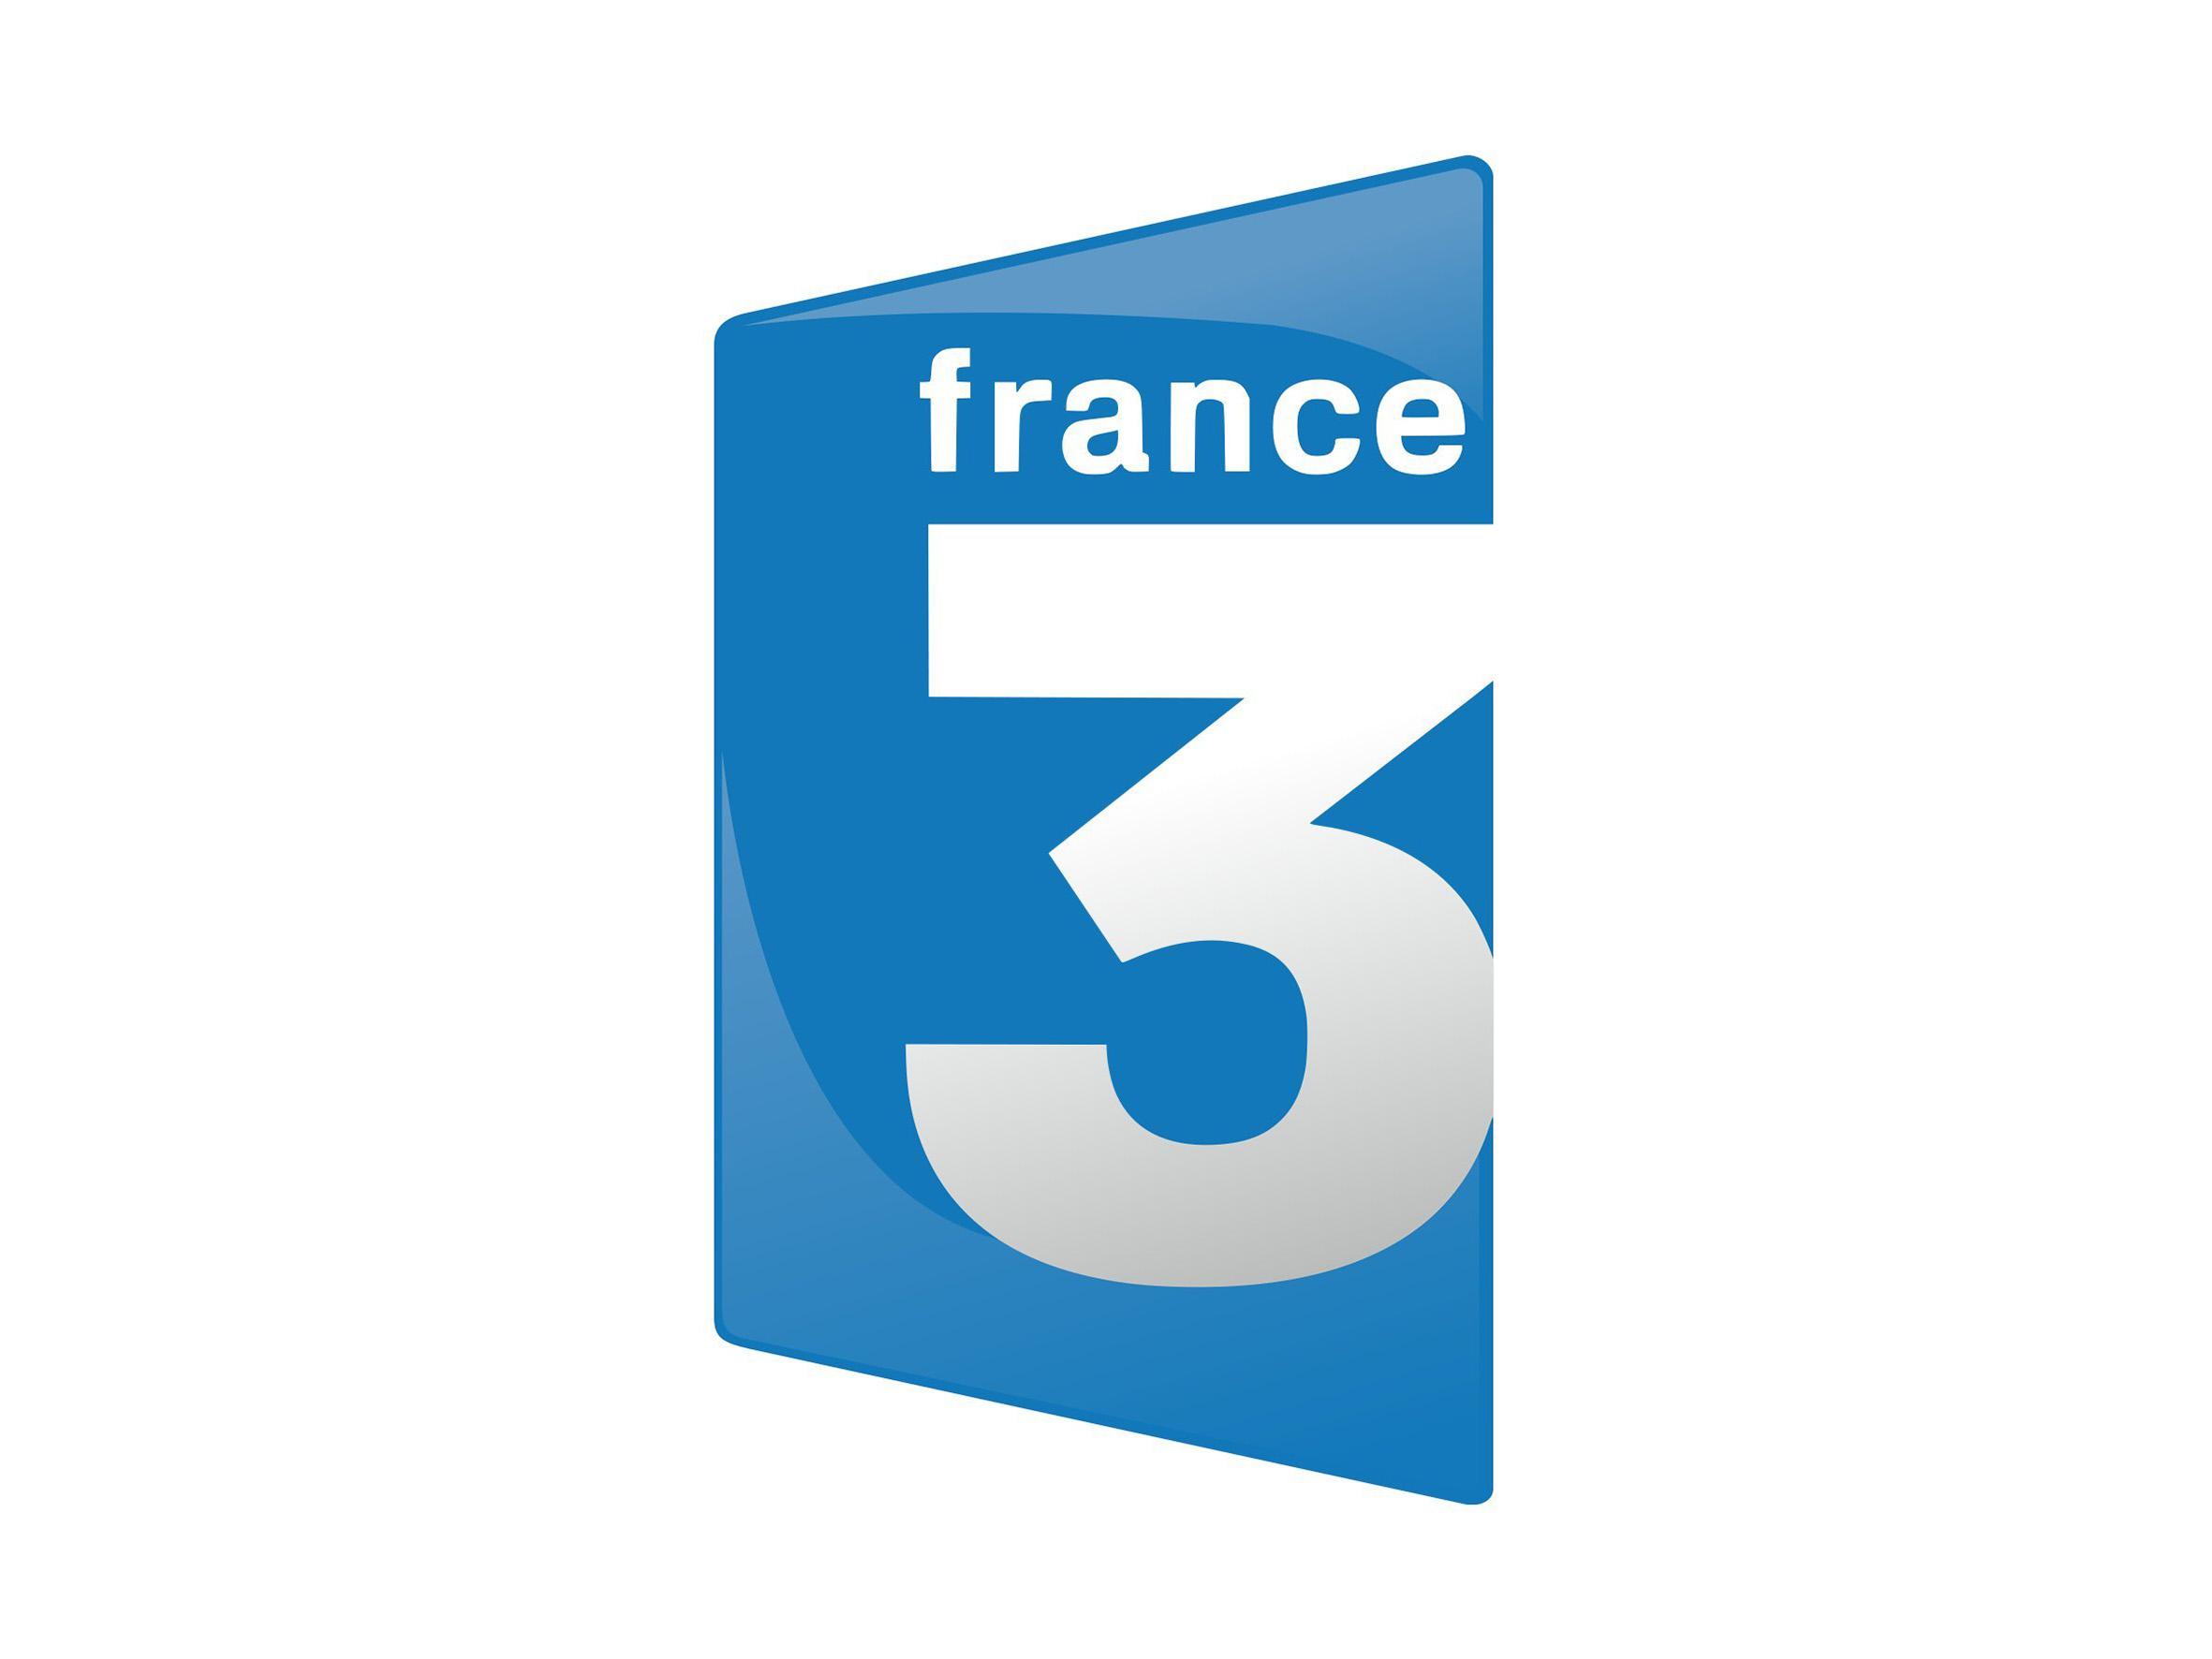 Logo France 3 - Médias - Jérôme Adam - Conférencier Entrepreneur